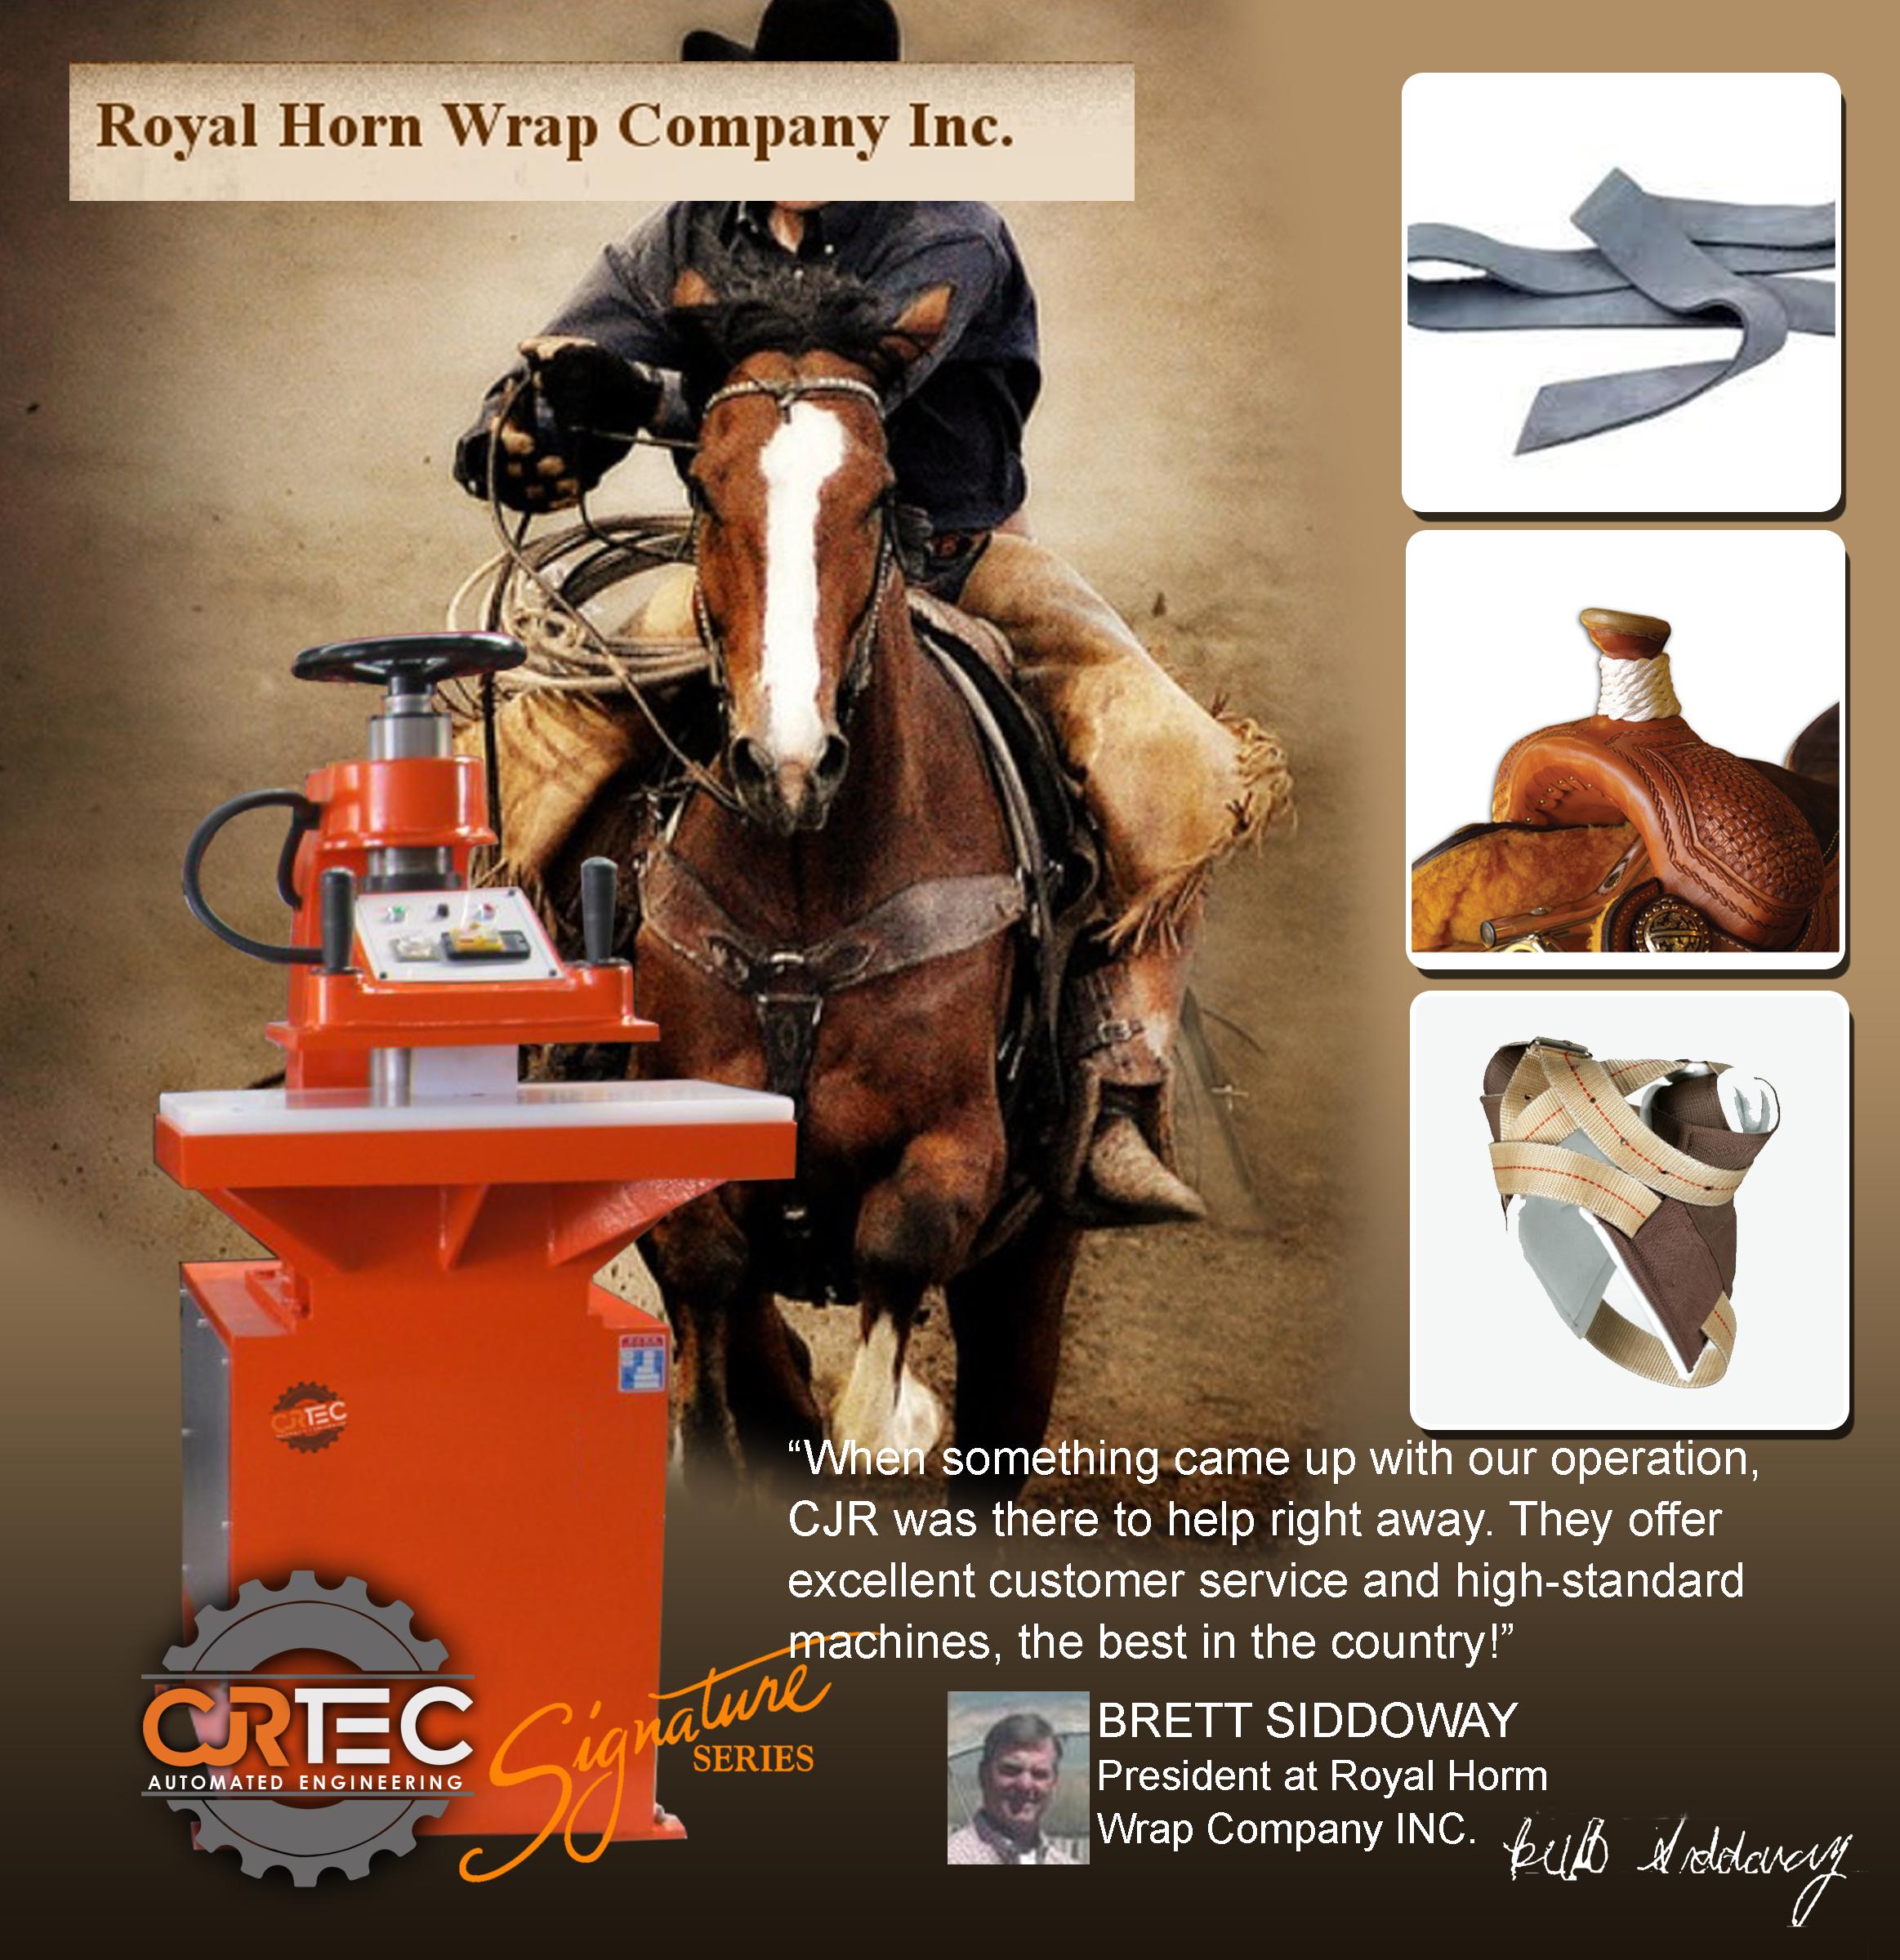 Royal Horn Wrap Company Inc.